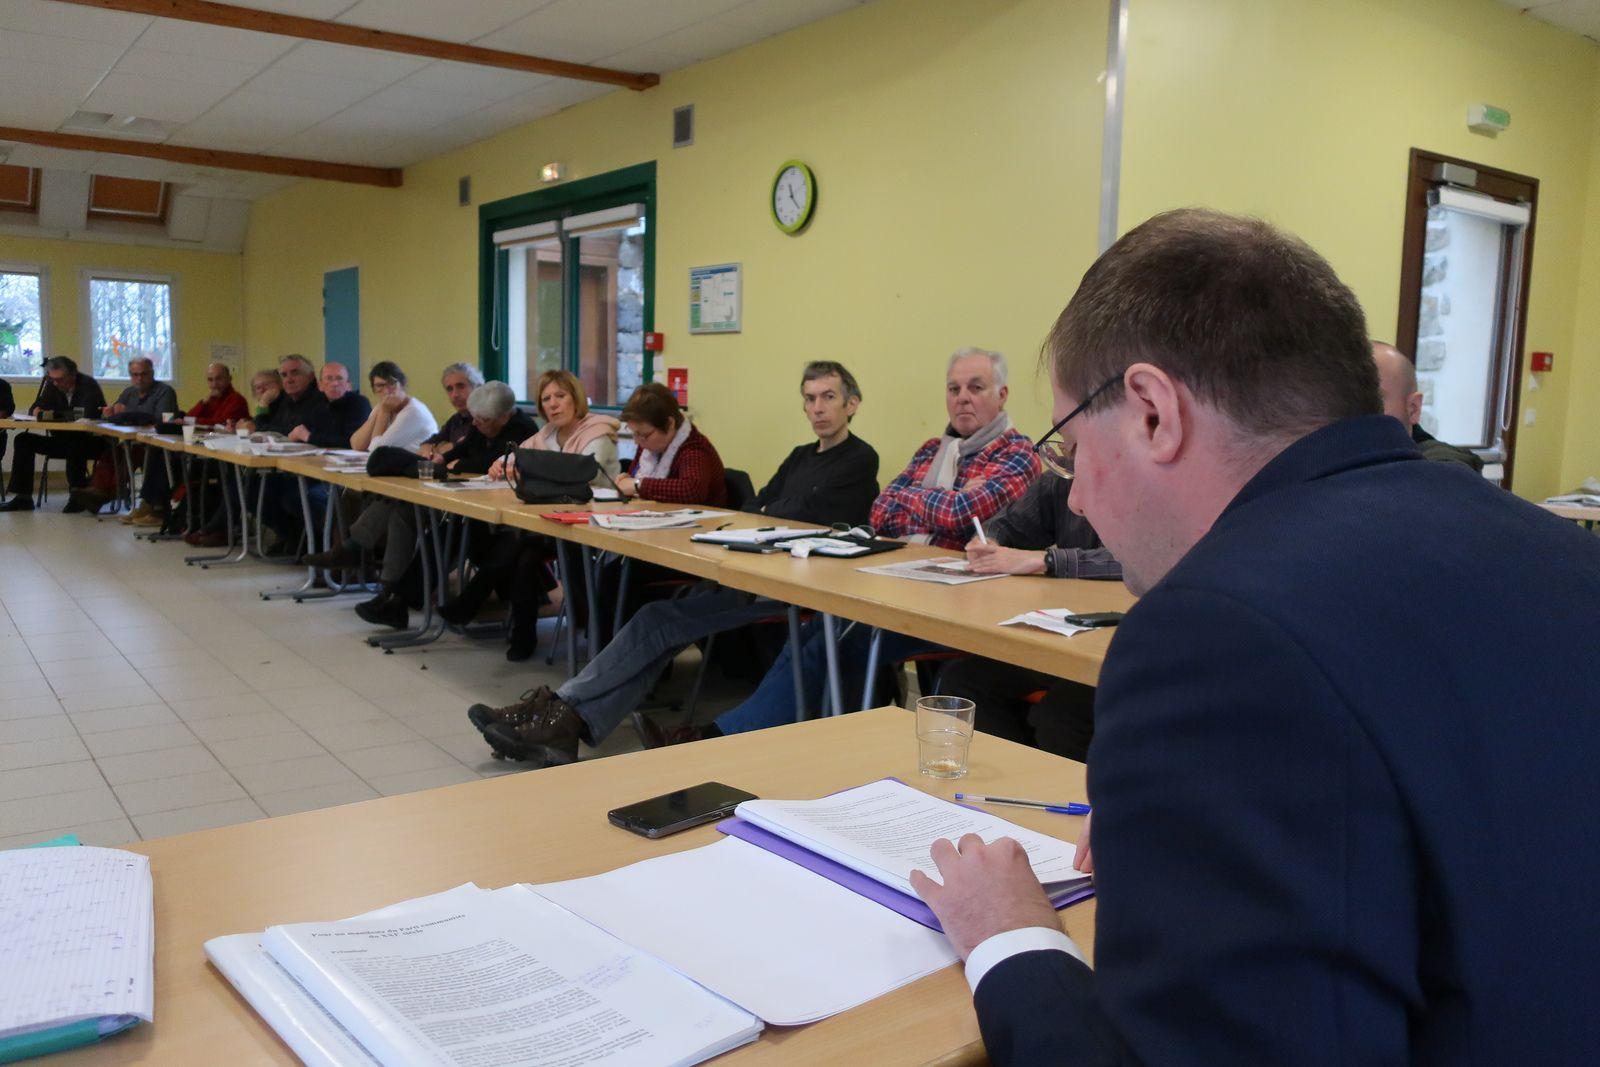 Vincent Boulet animait pour le PCF Finistère une réunion de réflexion sur l'Europe le 8 décembre 2018 à Logonna Quimec'h